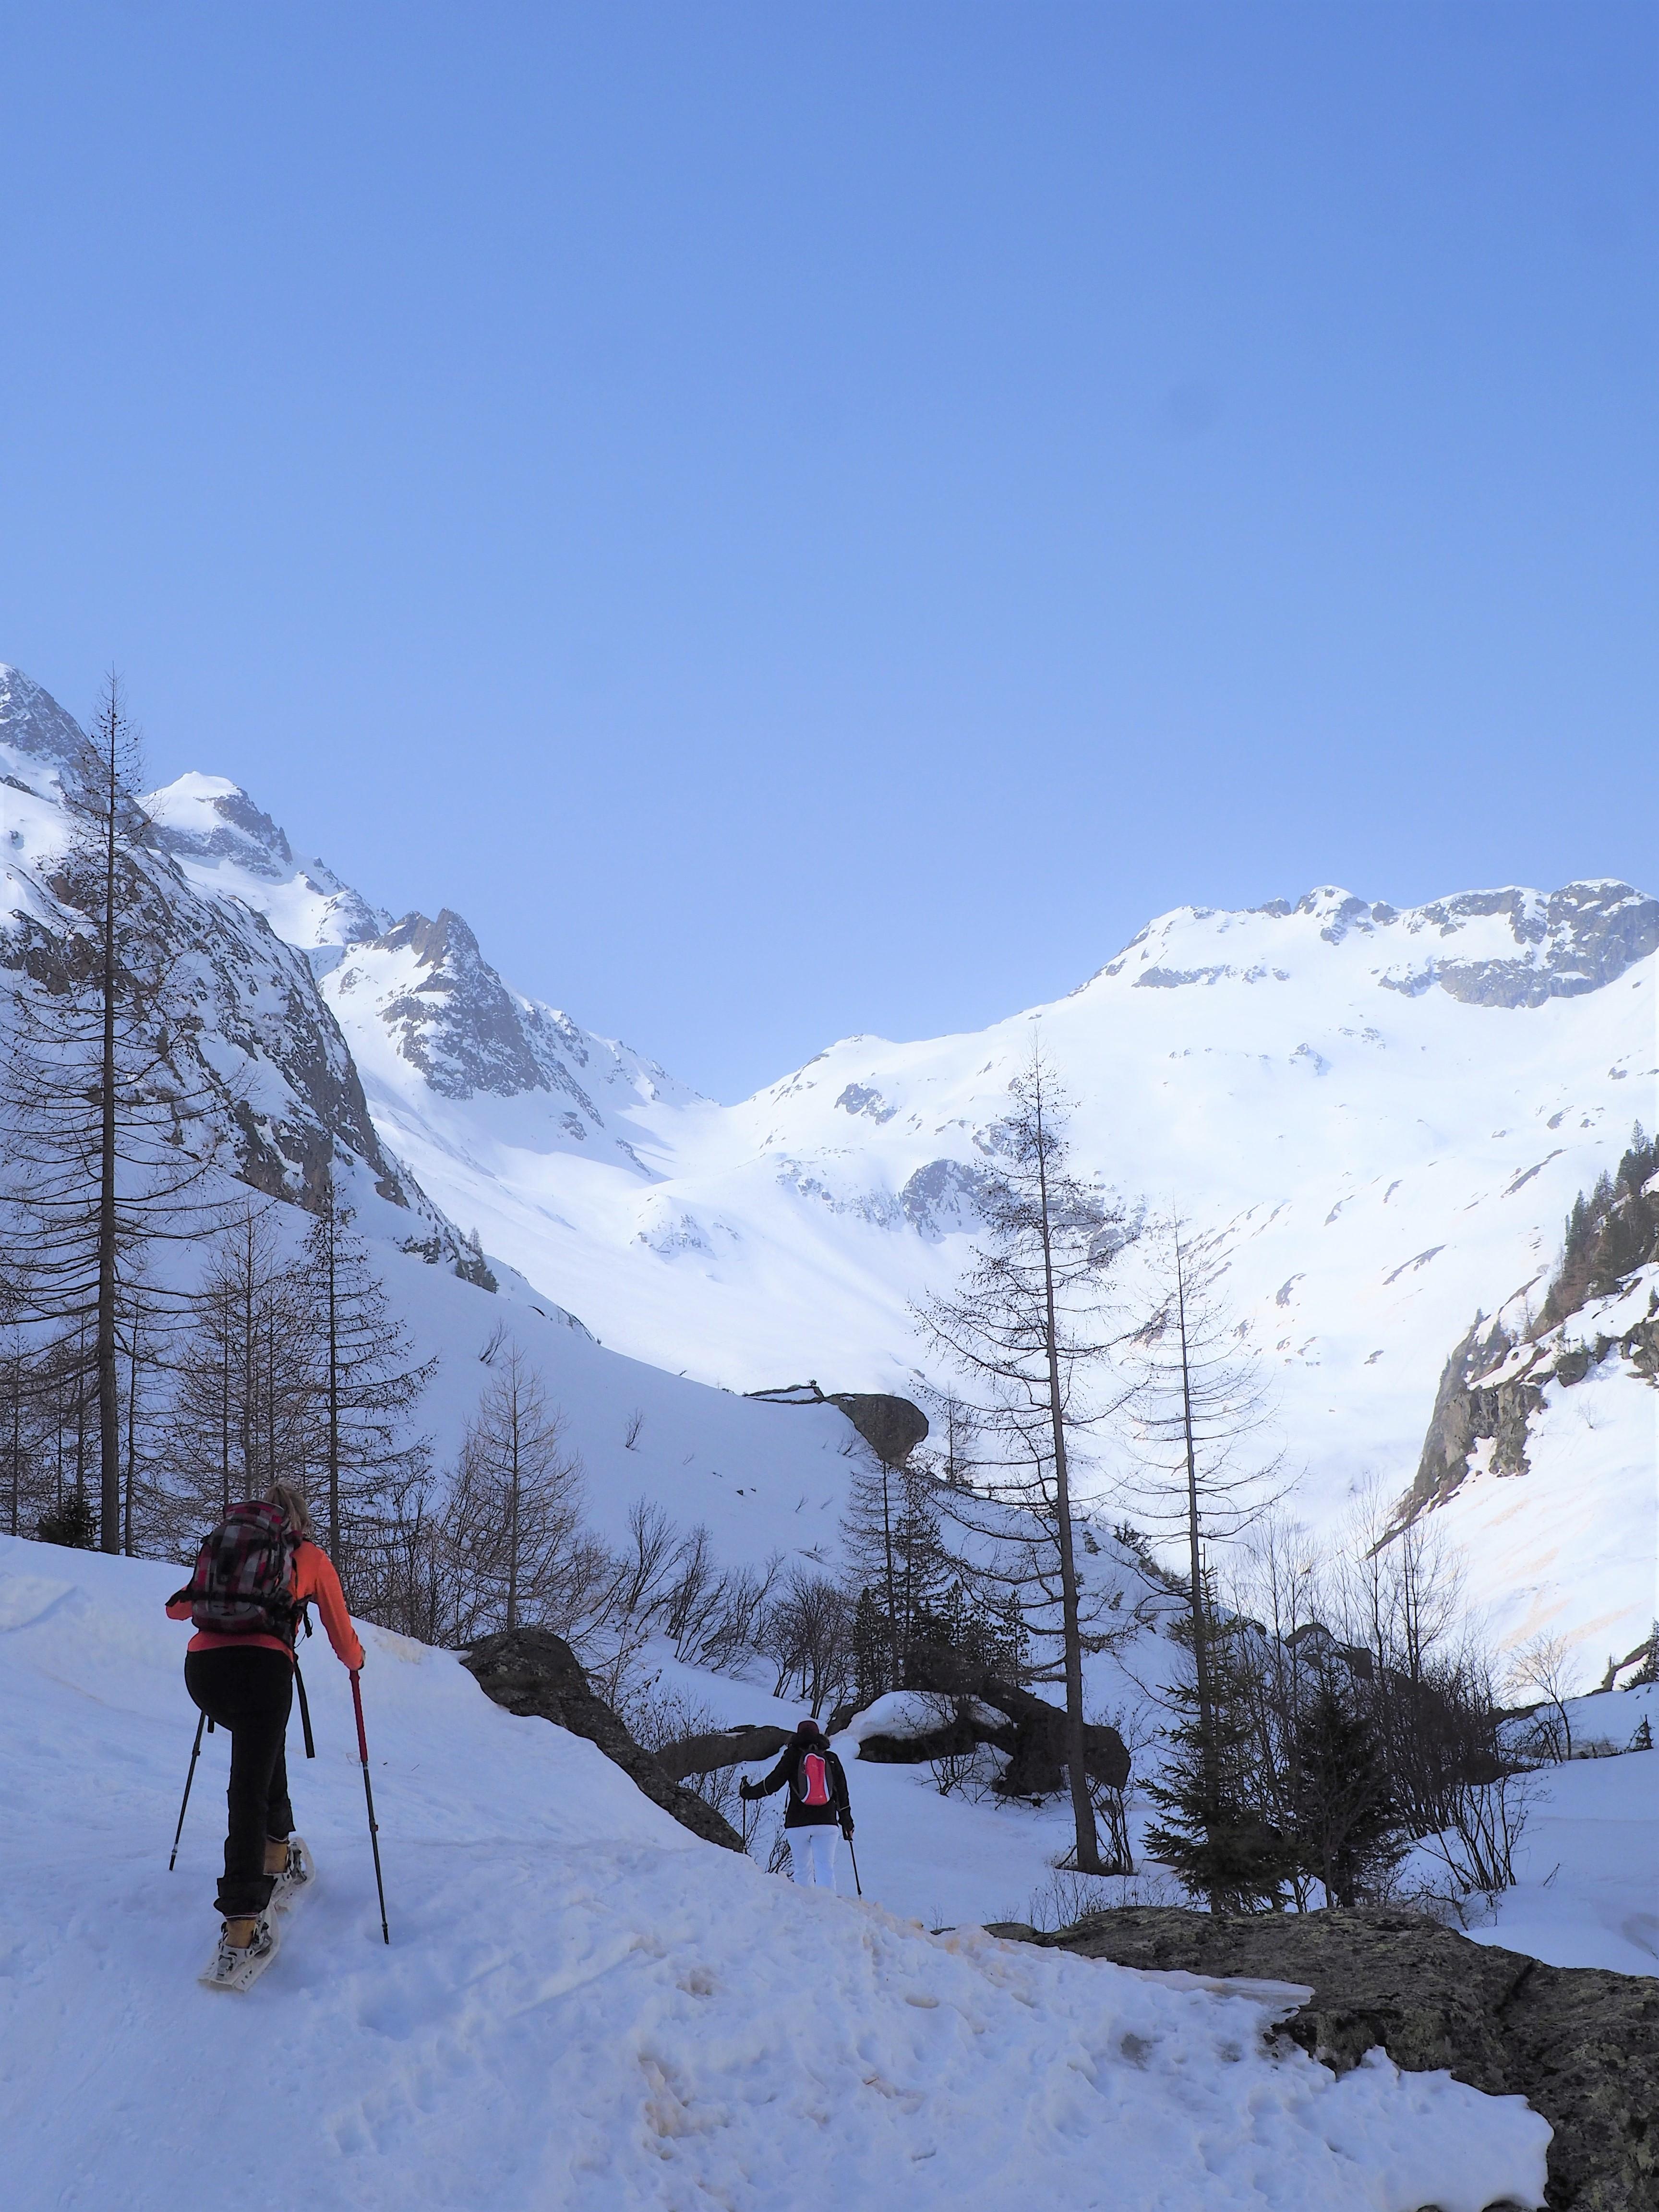 randonnée du col de salenton - alpes - près de chamonix